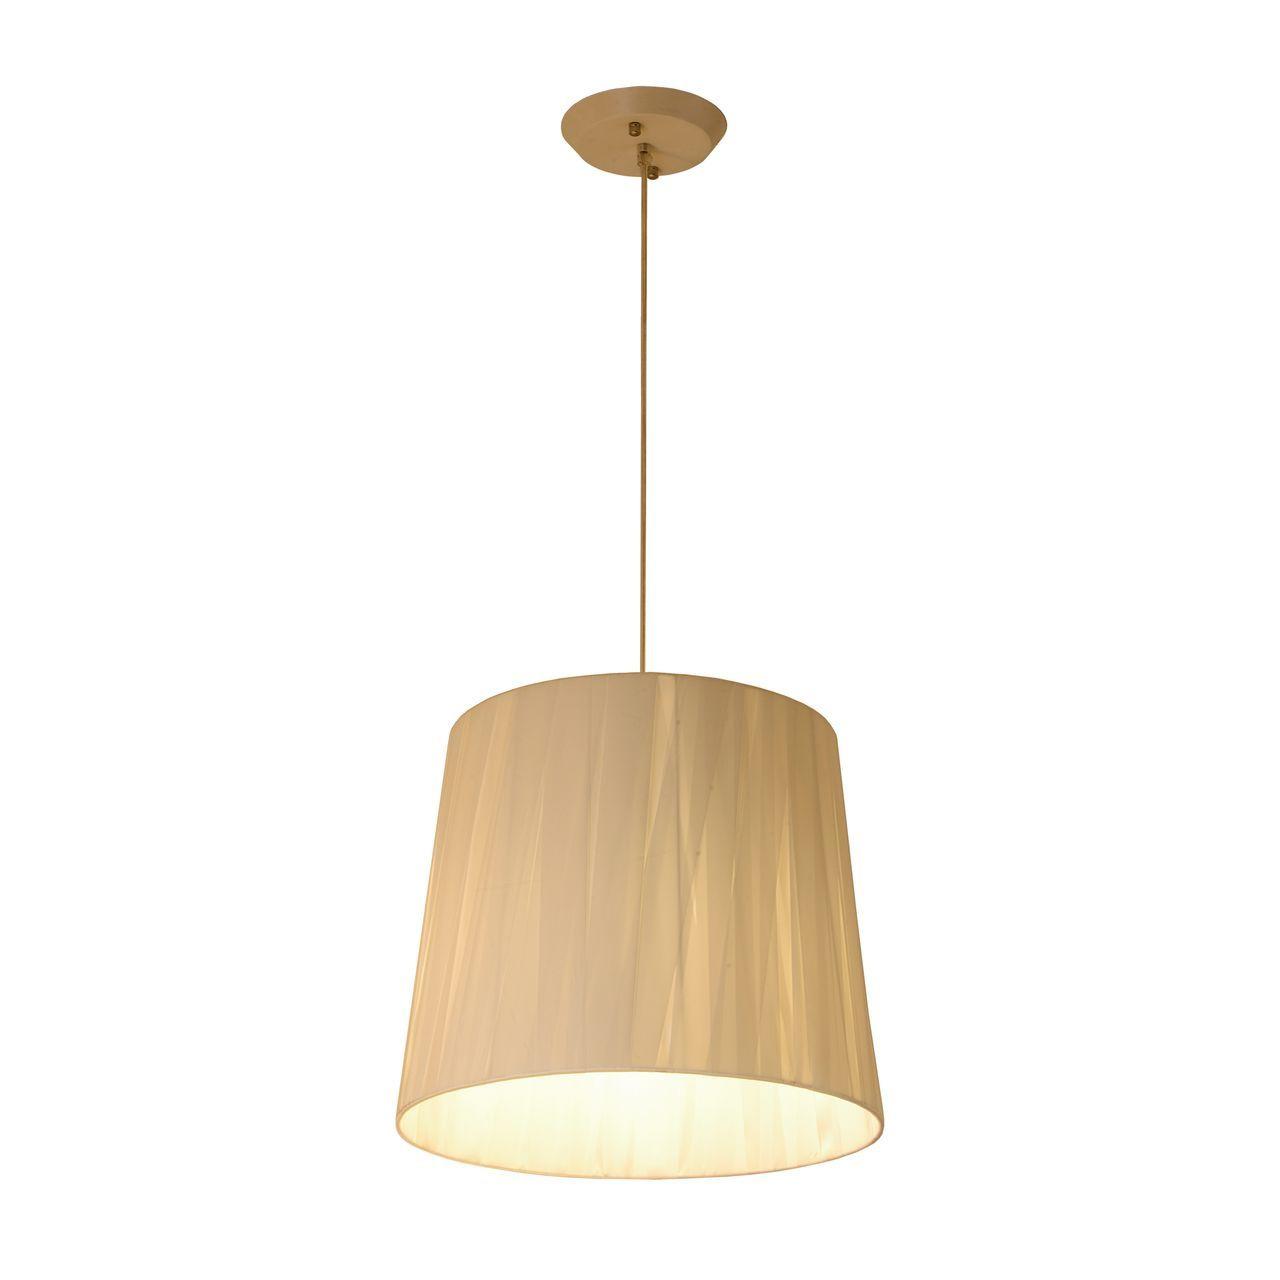 Подвесной светильник Omnilux Correto OML-62506-01 фото